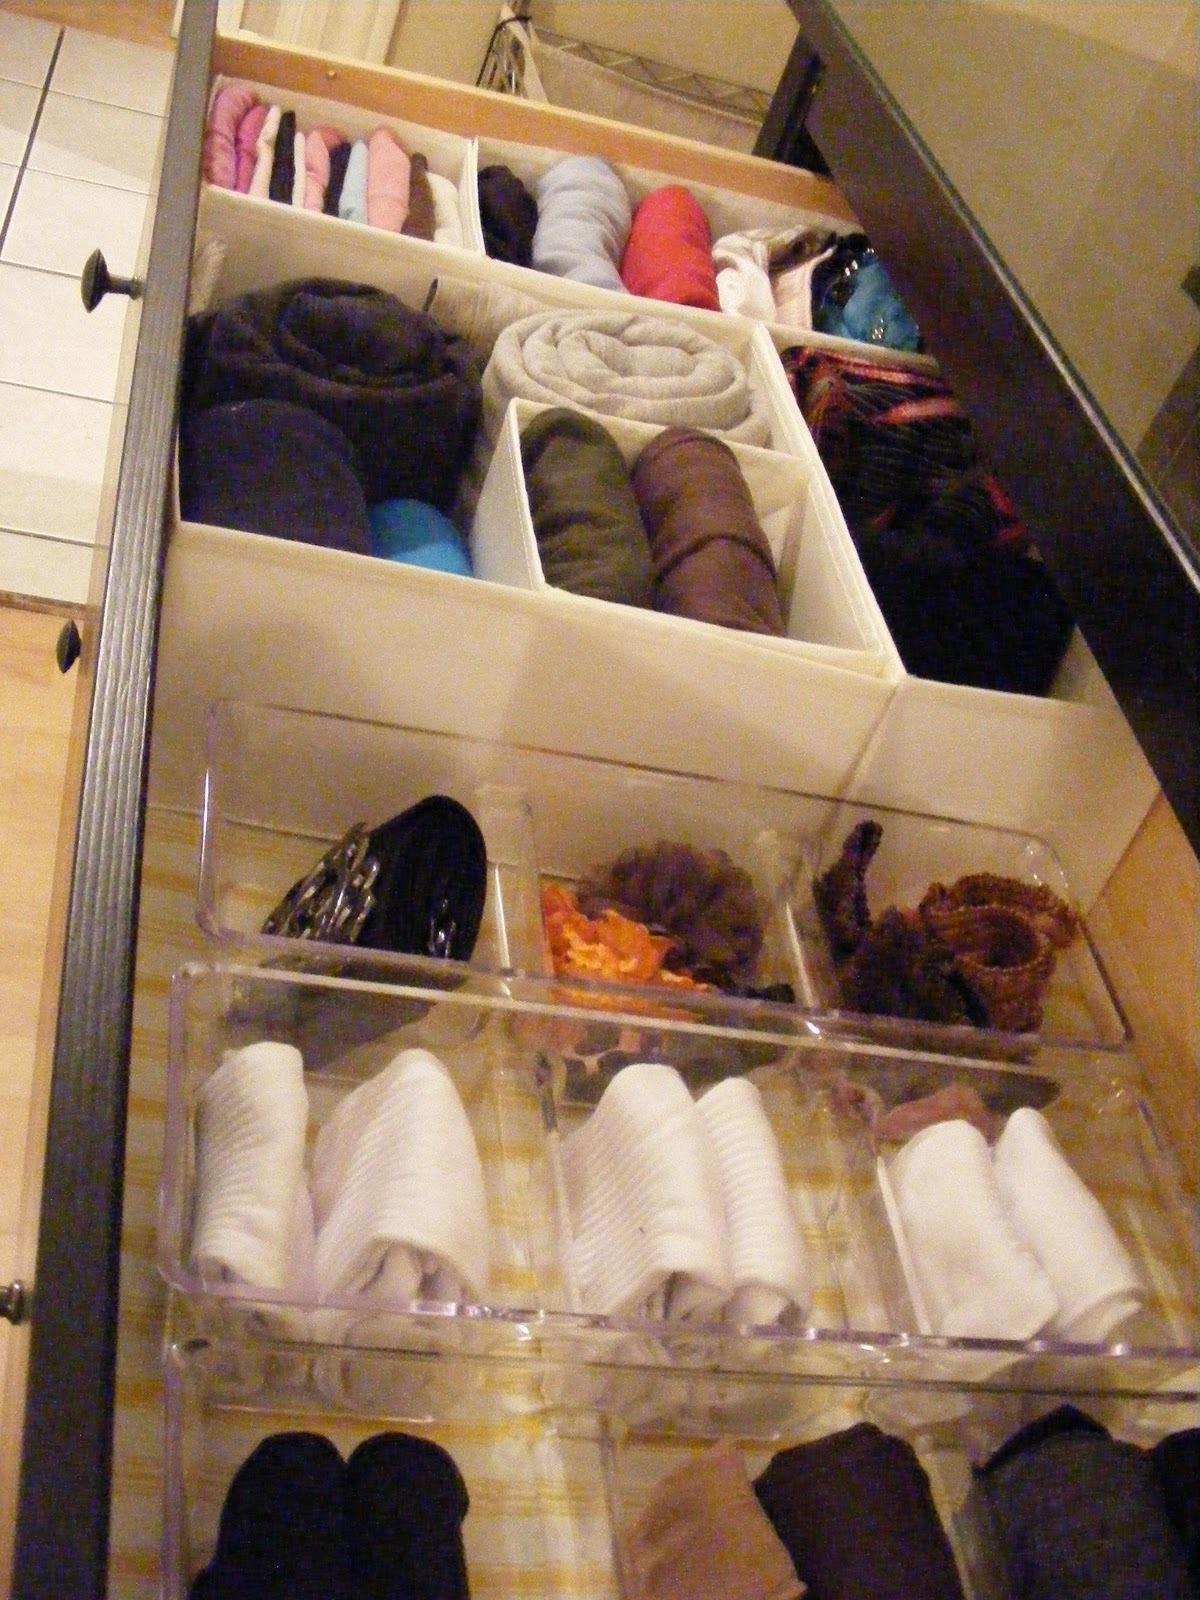 20 cosas realmente tiles que no sab as que necesitaba tu - Separadores para cajones ...